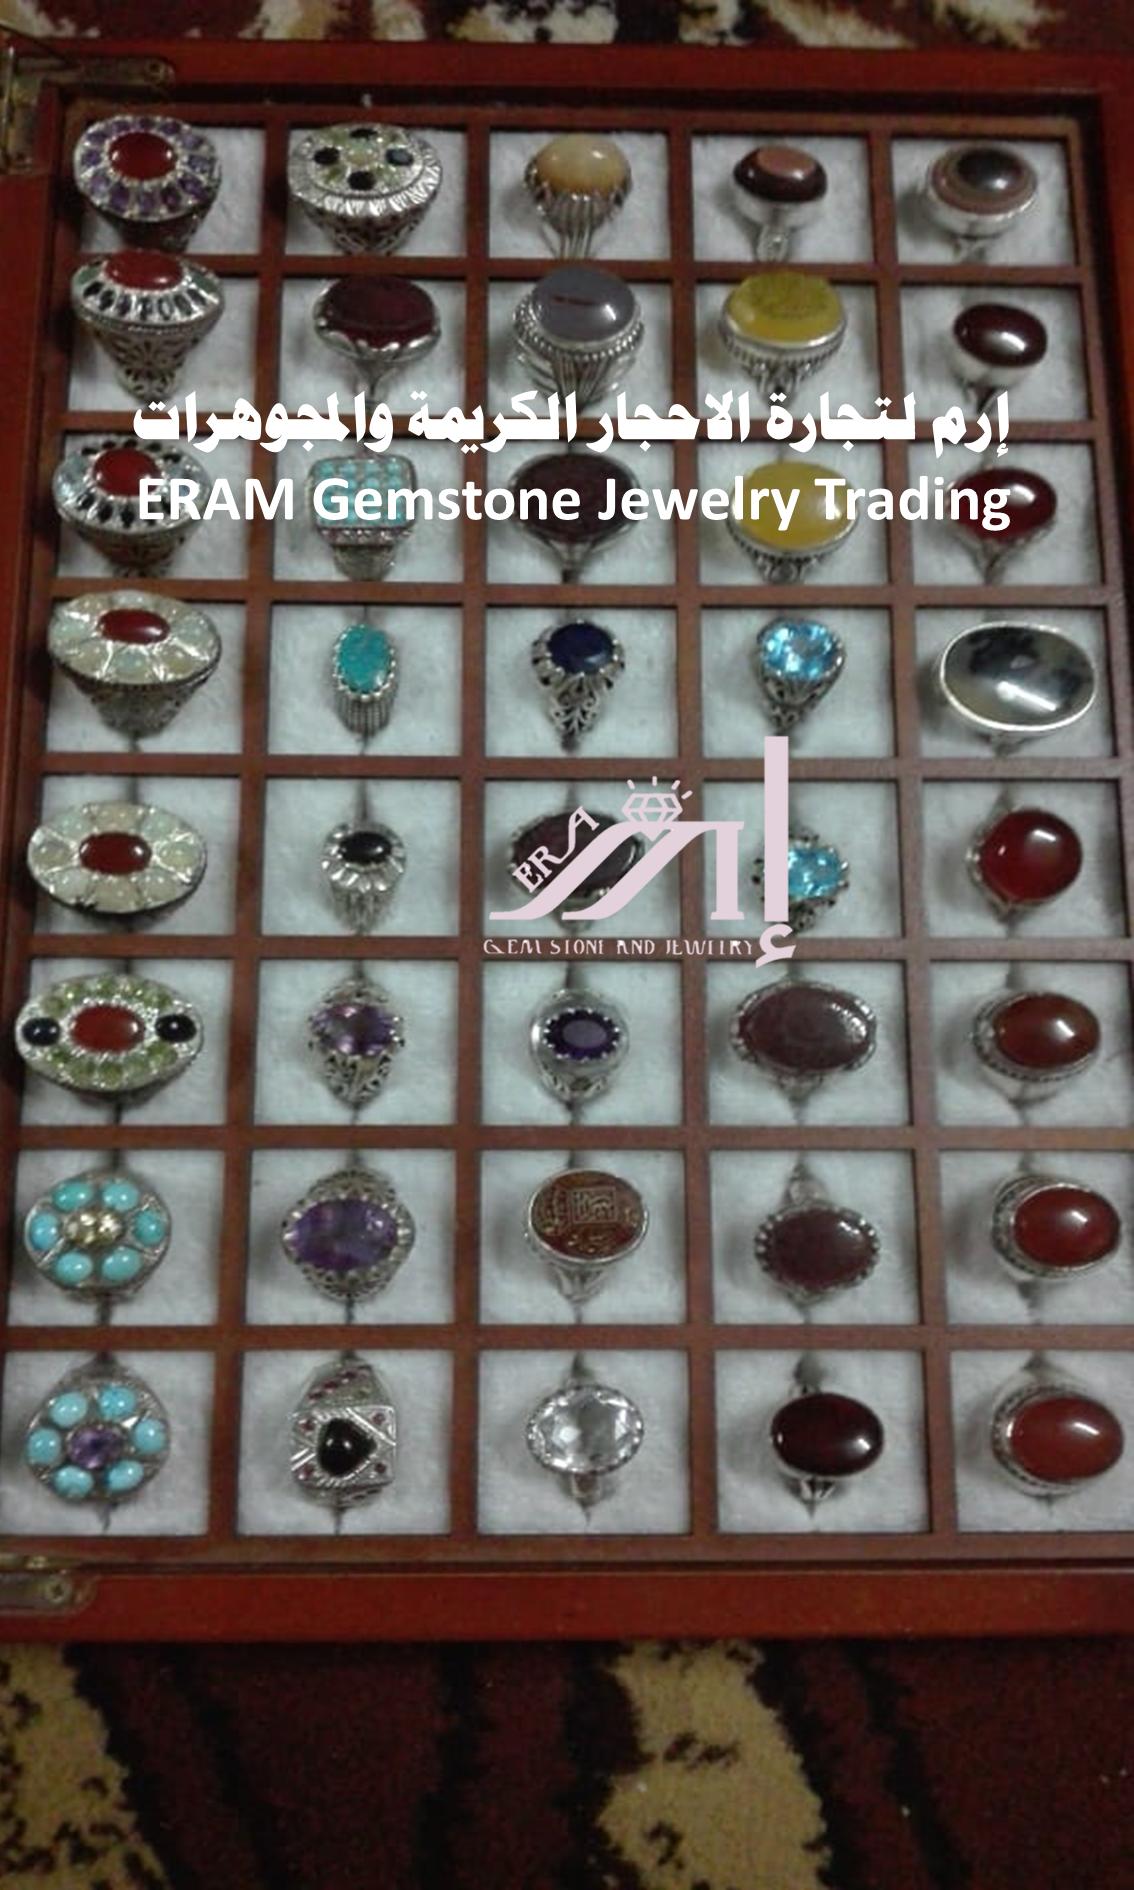 يناسب أي وقت لك خواتم نسائي عصري يمني عقيق احجار كريمة متنوعة طبيعي 100 للعرض Gemstones Gemstone Jewelry Holiday Decor